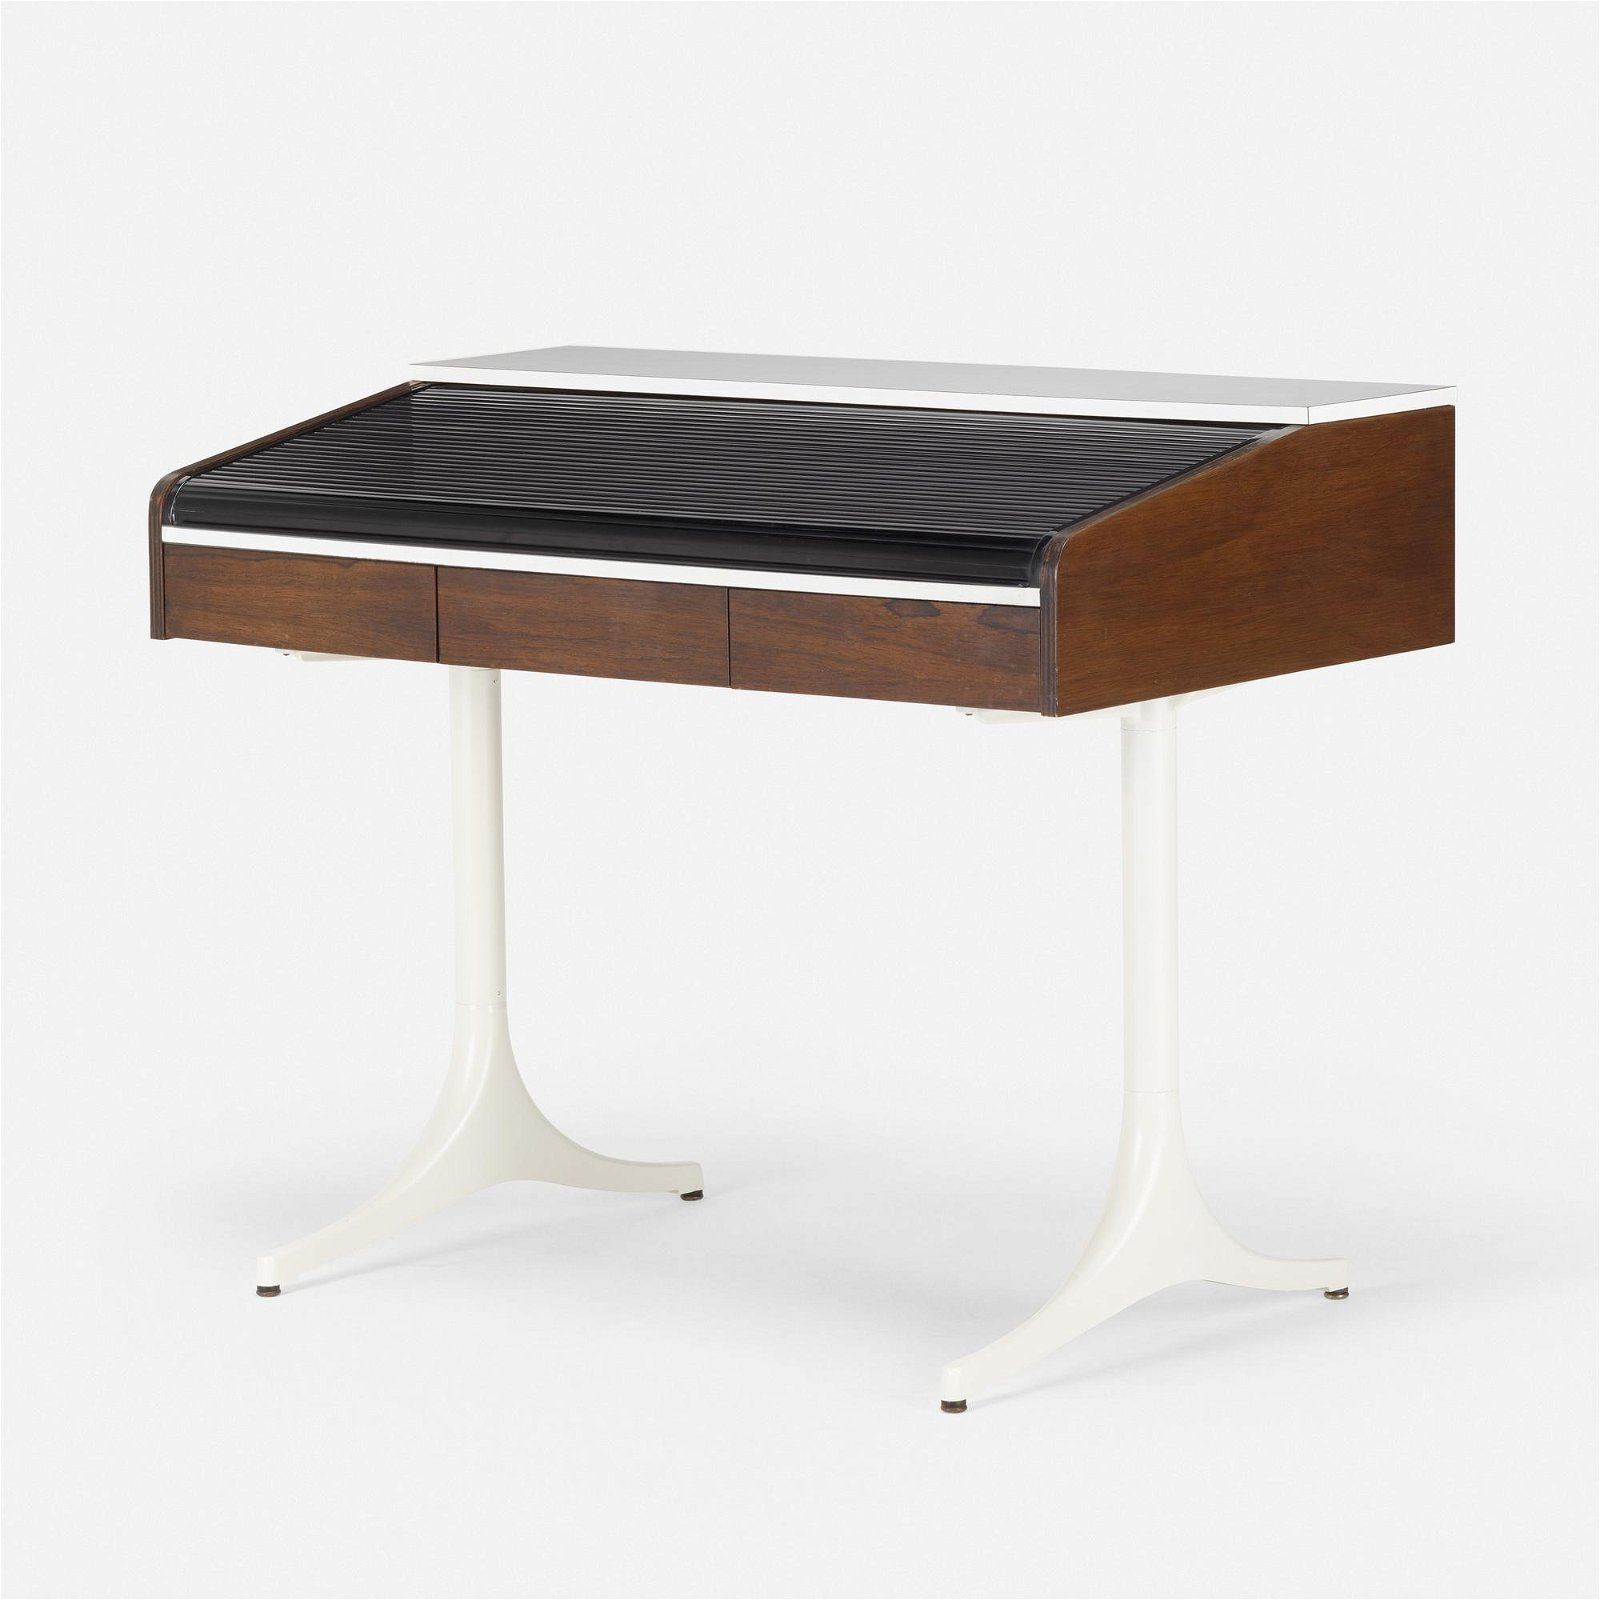 George Nelson & Associates, Roll Top desk, model 5496